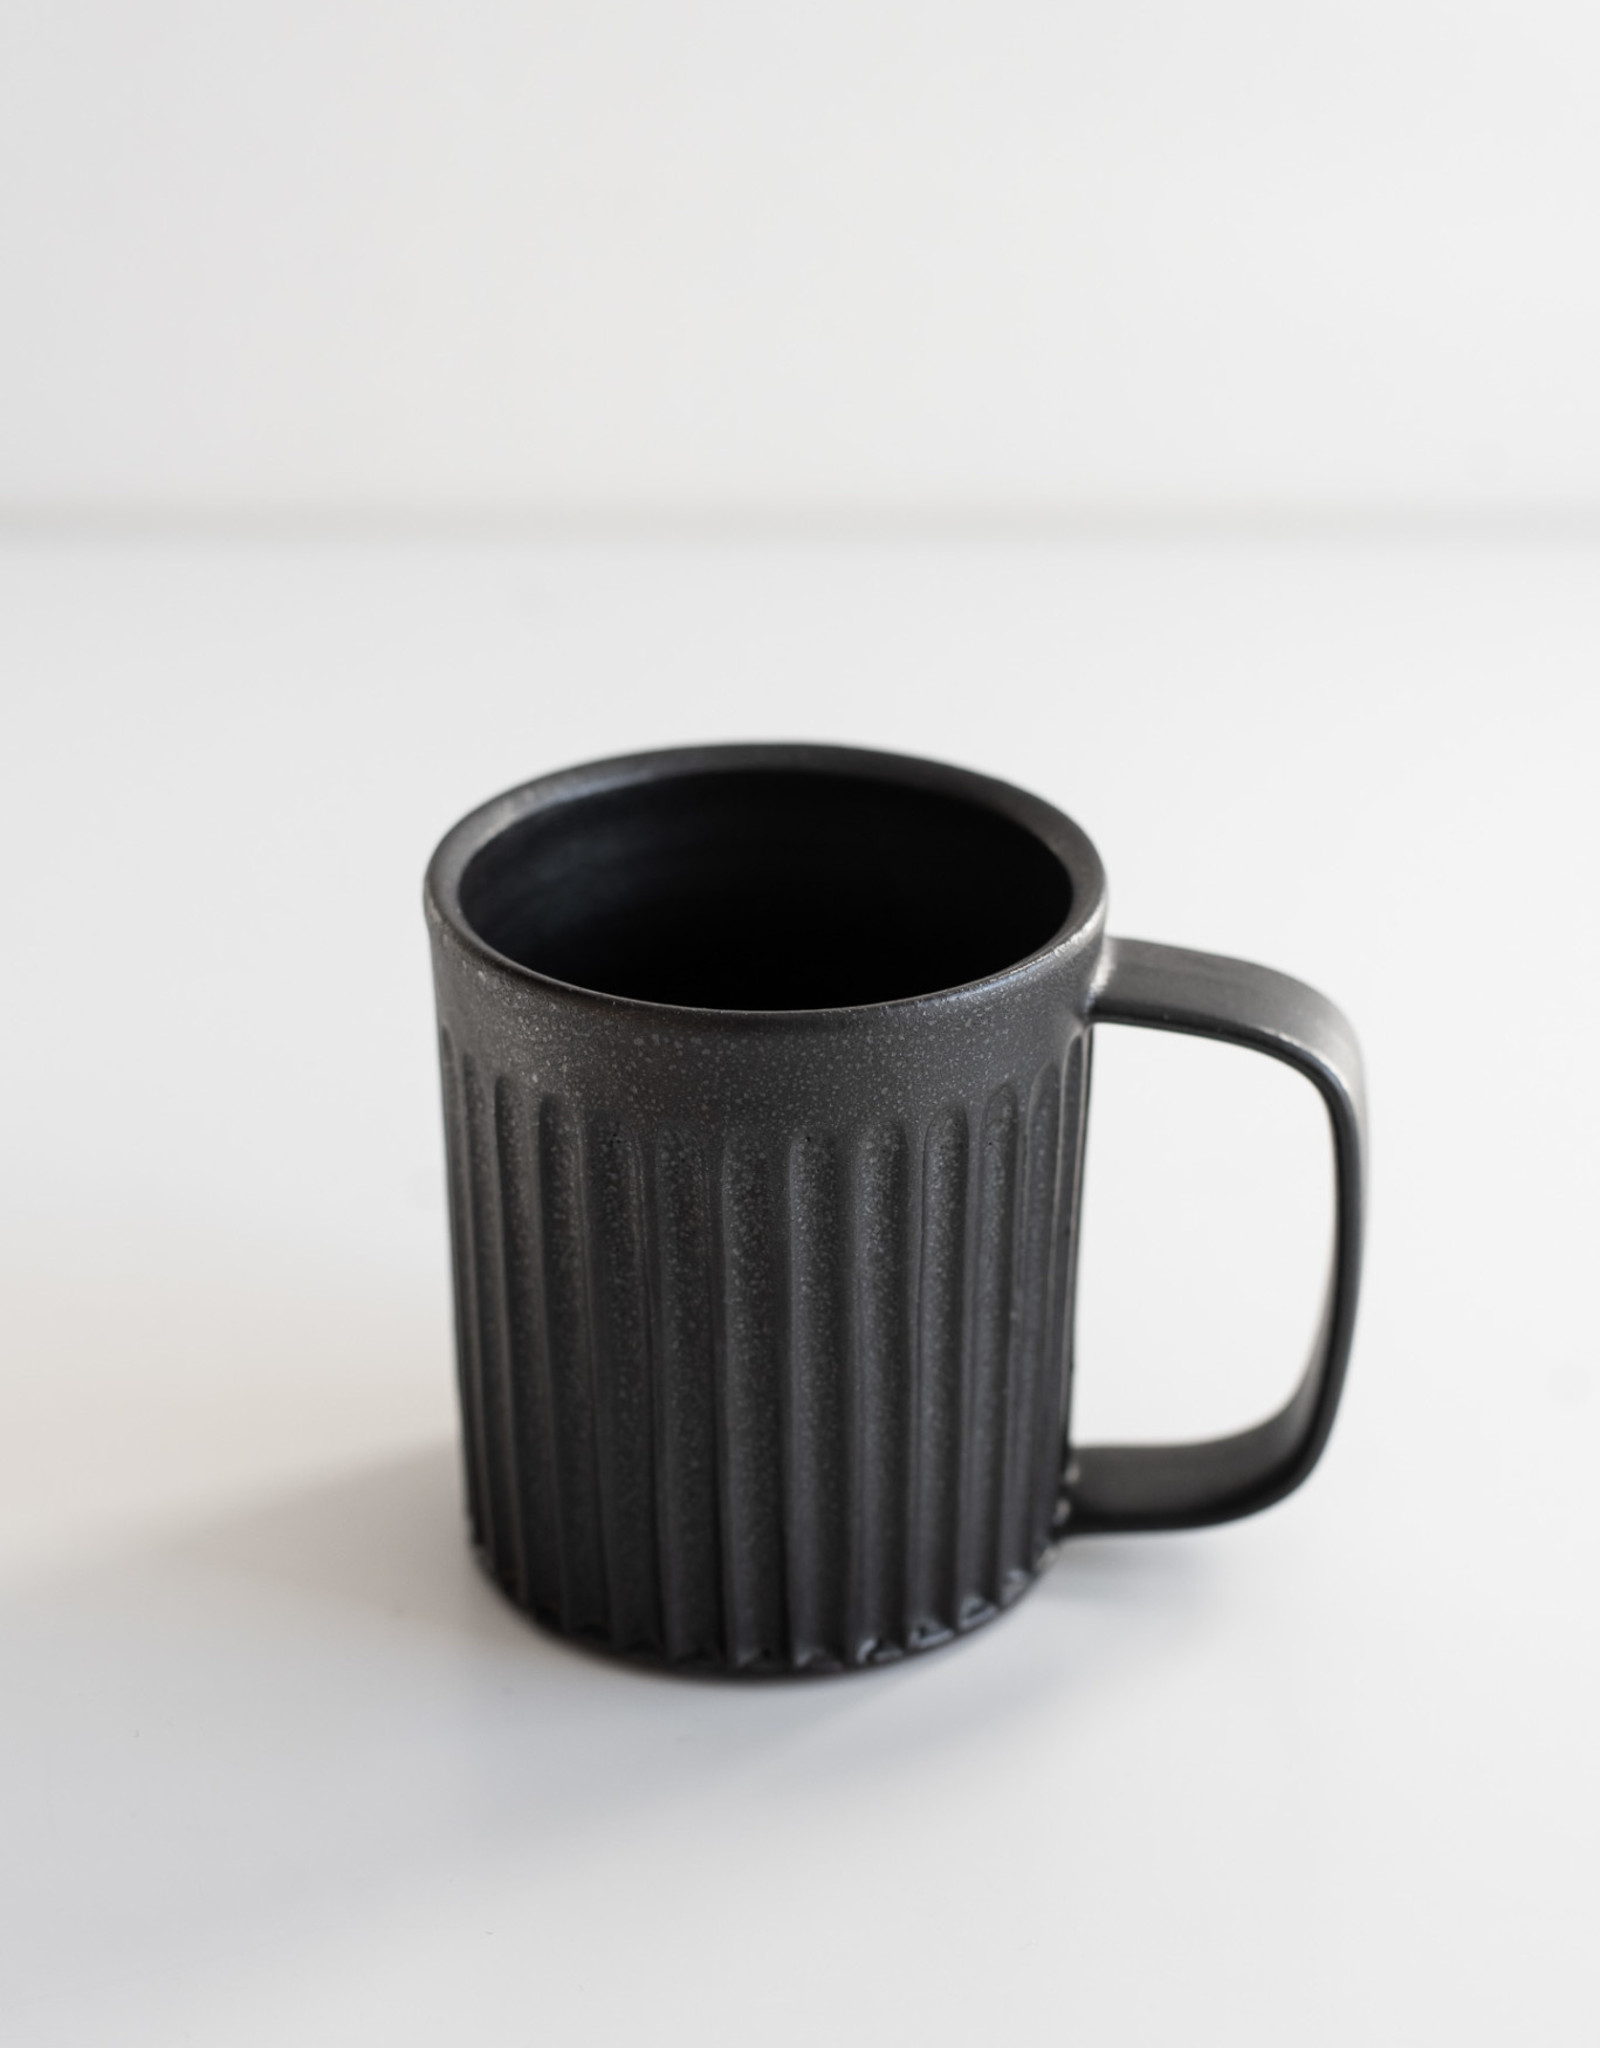 Christian Roy Tasse à café - Motif à Cannelures